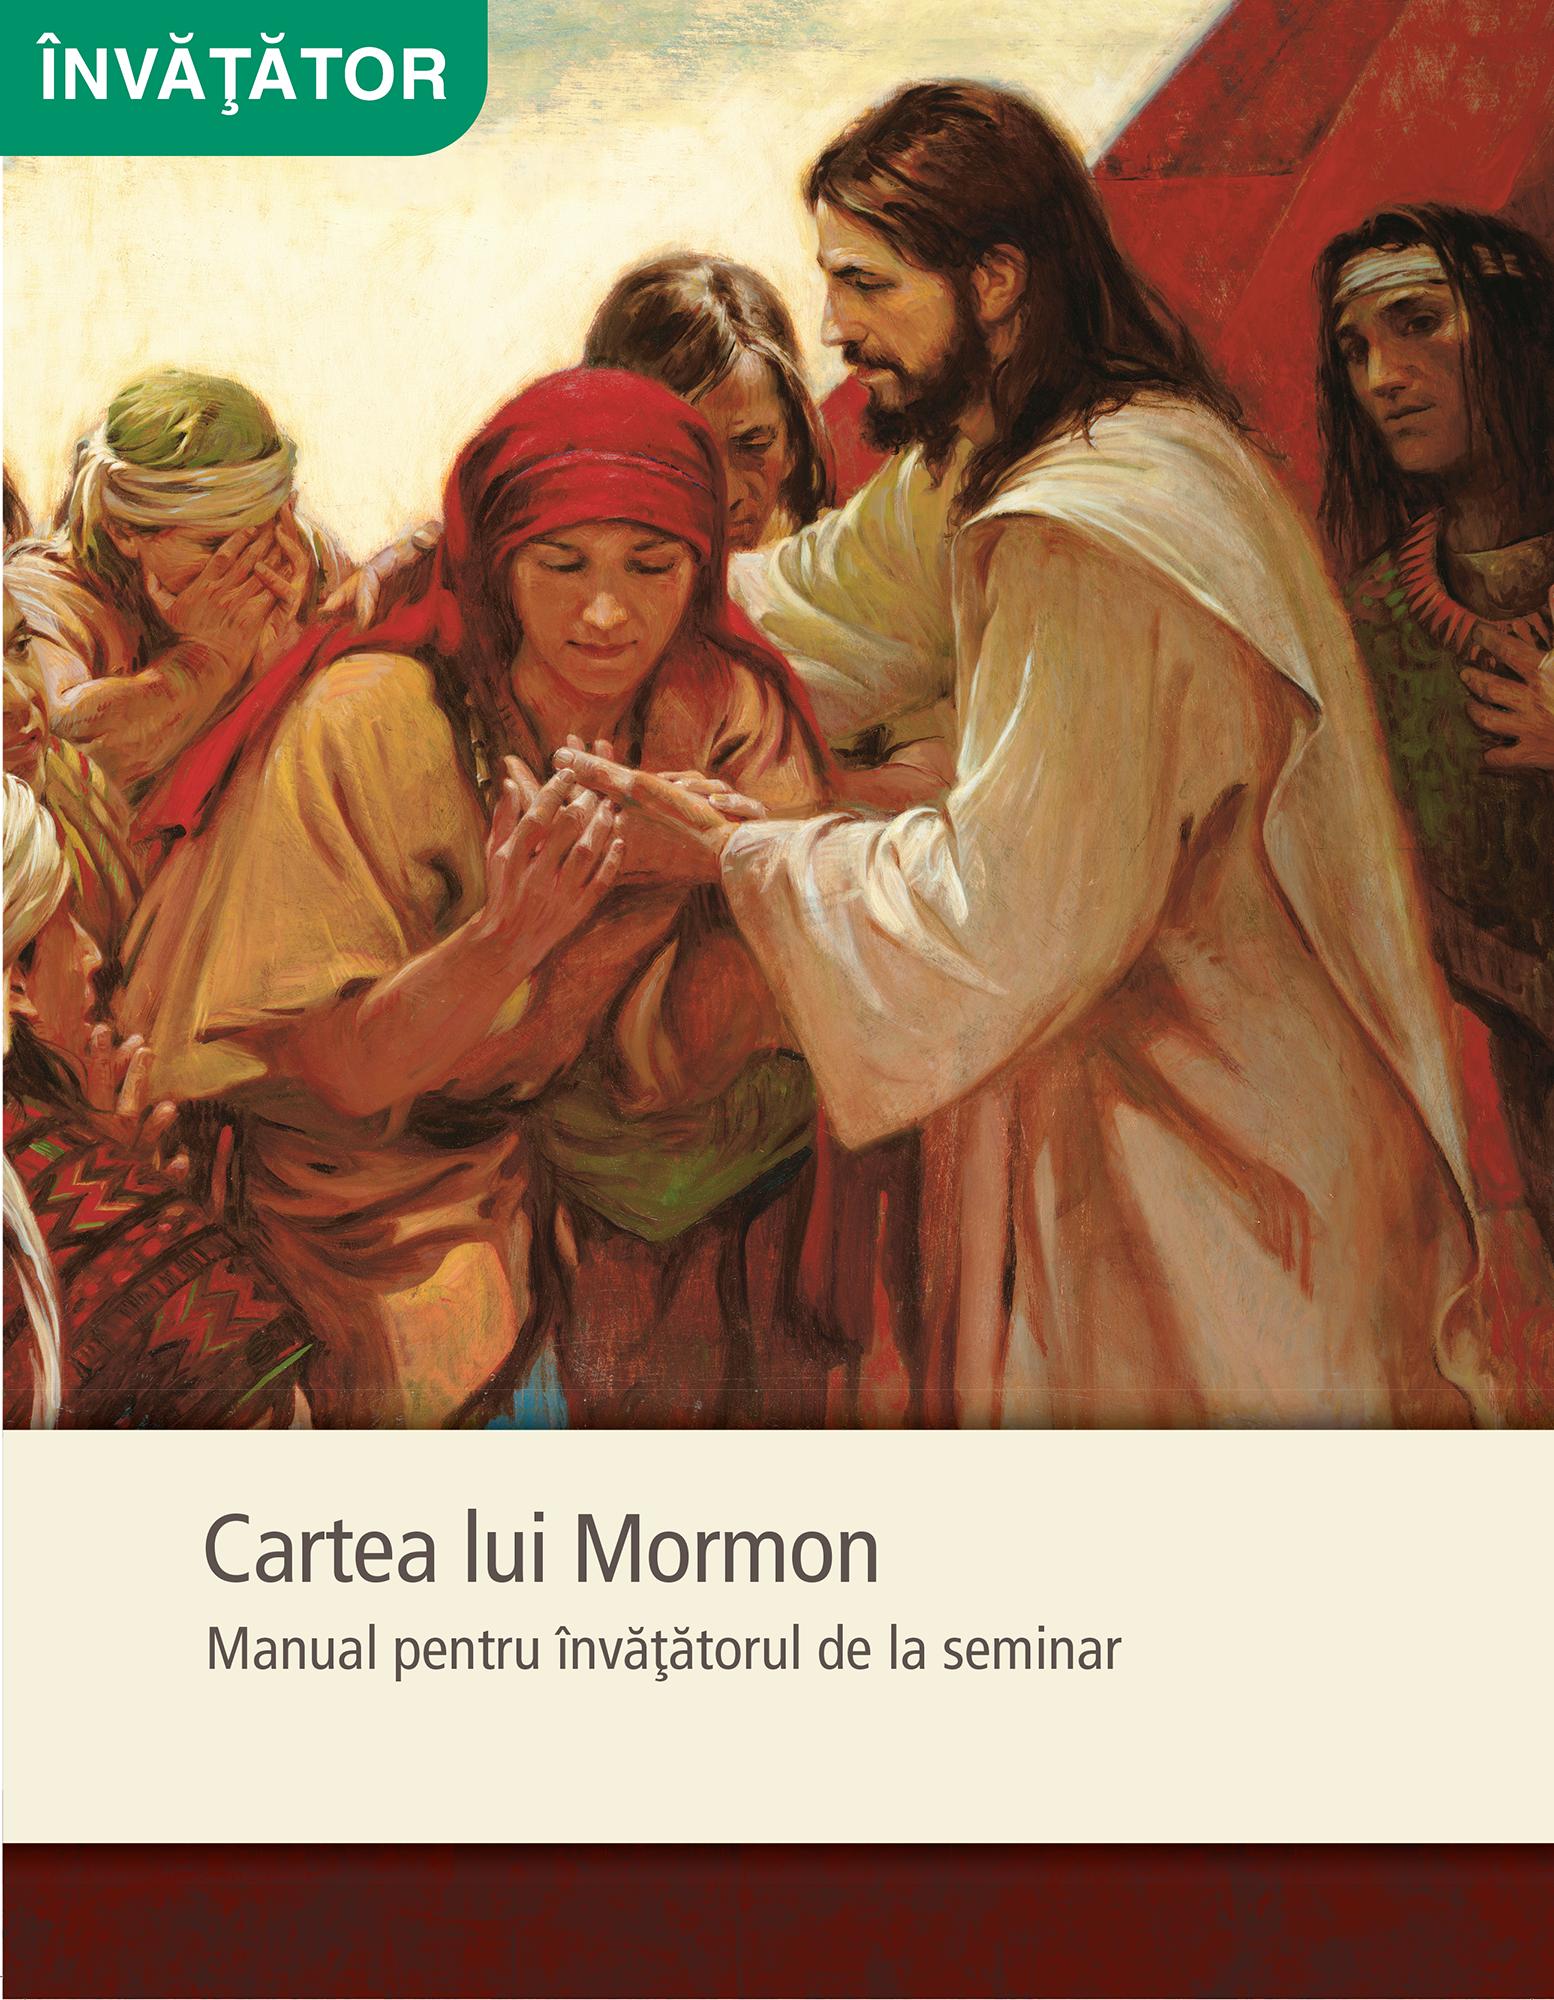 Cartea lui Mormon – Manual pentru învăţătorul de la seminar